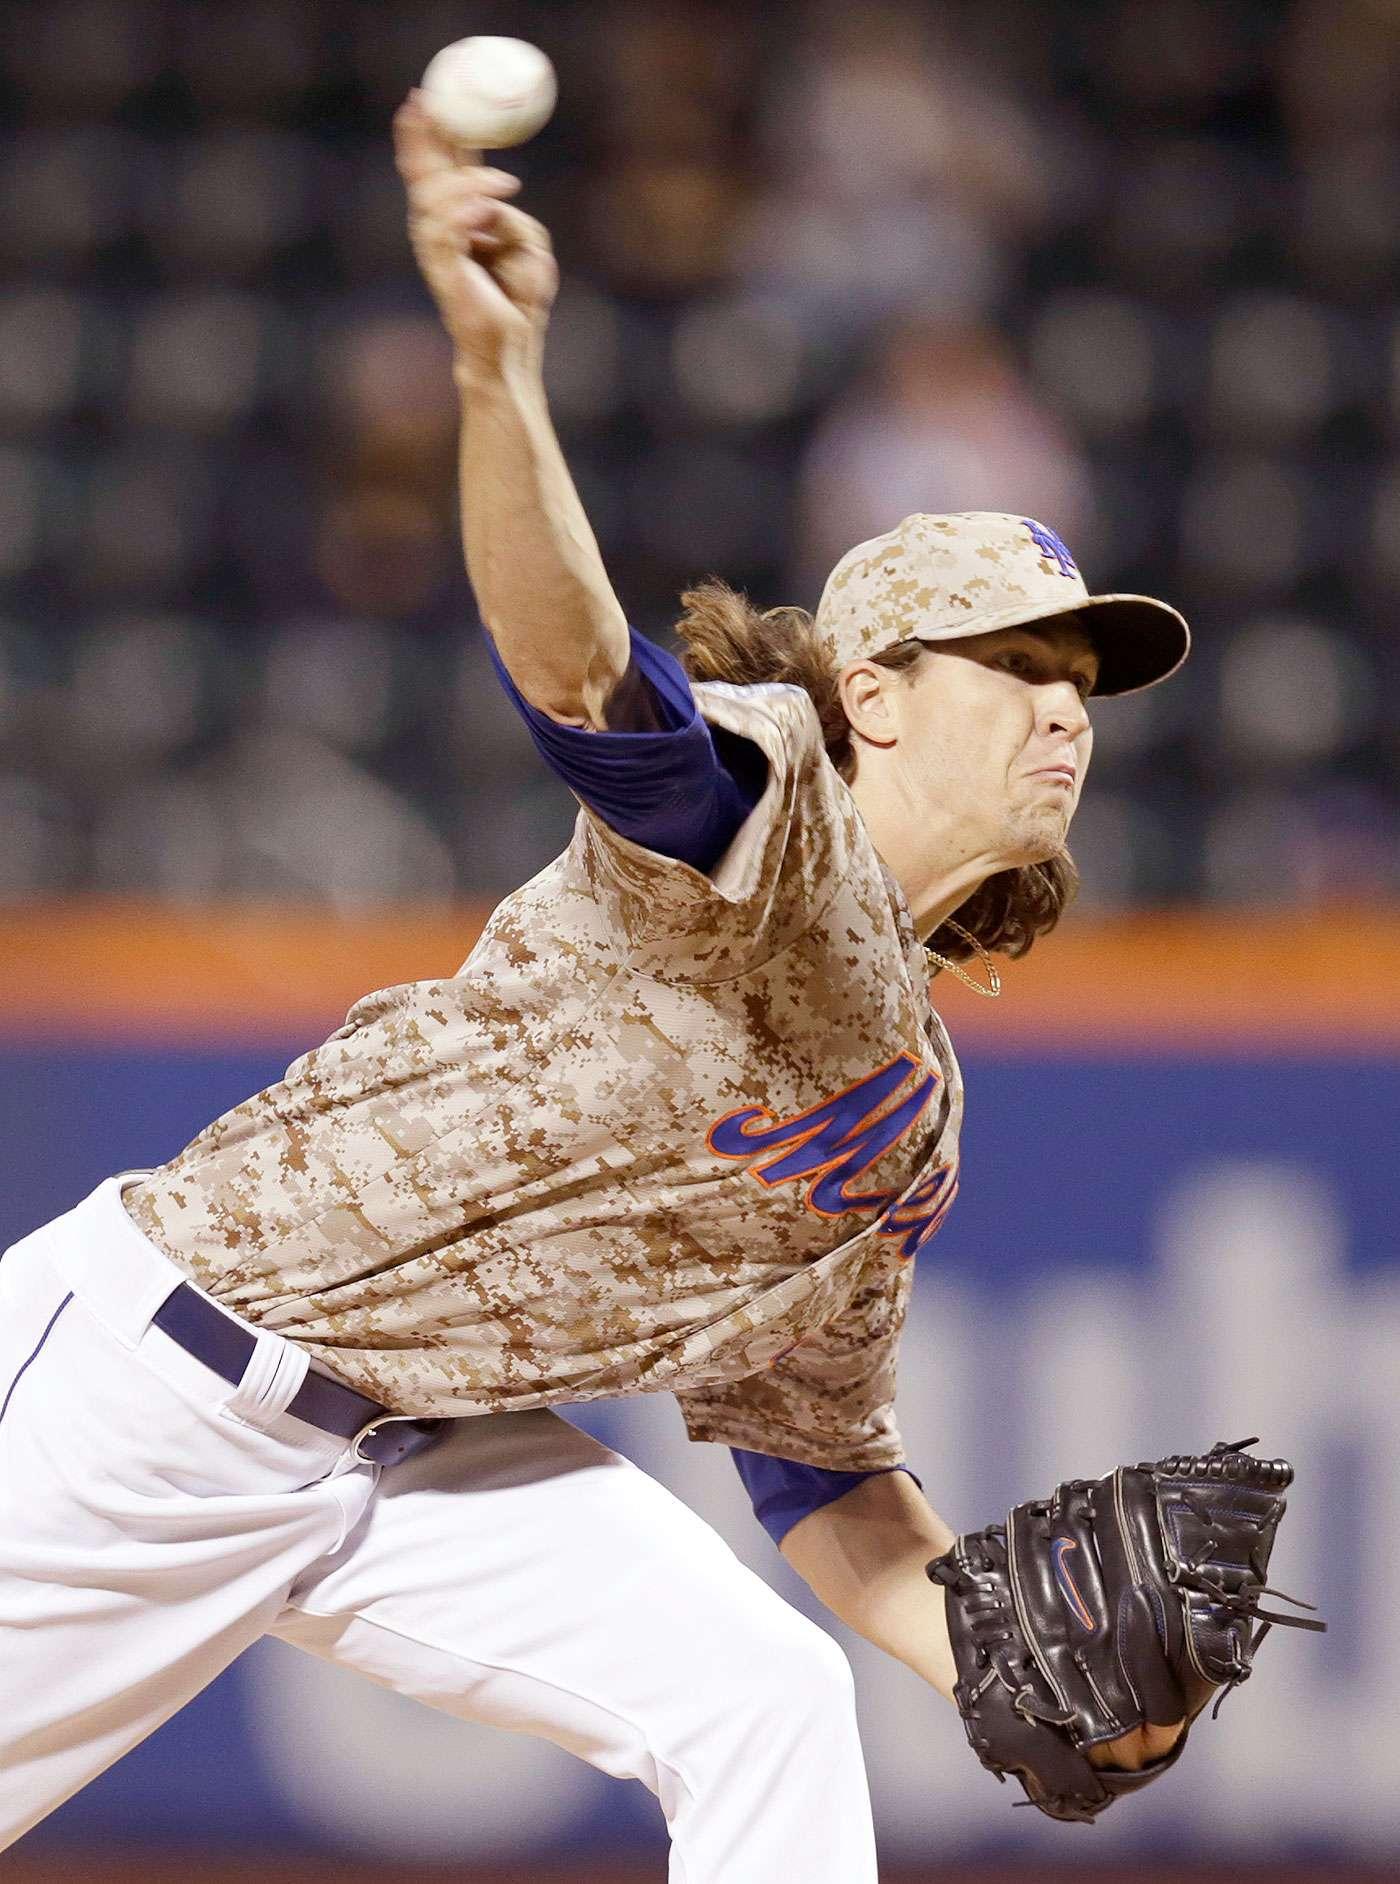 Jacob deGrom, abridor de los Mets de Nueva York, lanza frente a los Marlins de Miami en el juego del lunes 15 de septiembre de 2014. DeGrom ponchó a sus primeros 8 bateadores que enfrentó. Foto: Kathy Willens/AP